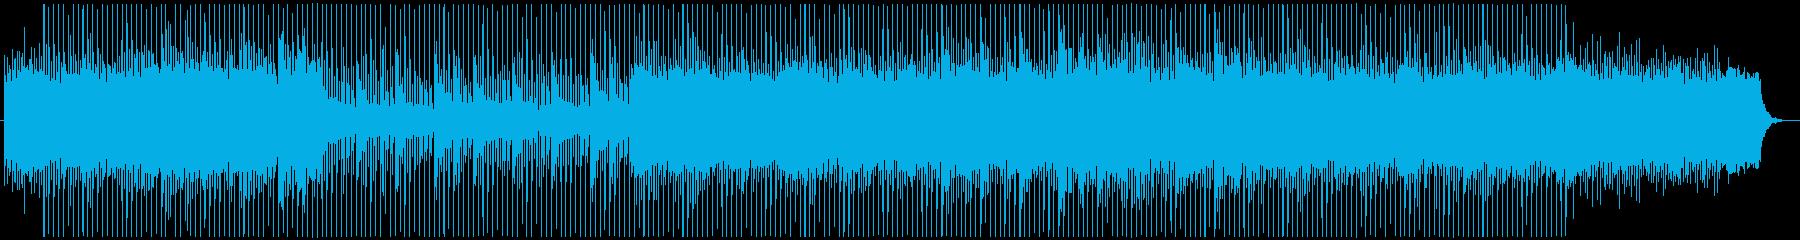 【企業VPに】淡々としたクールなBGMの再生済みの波形